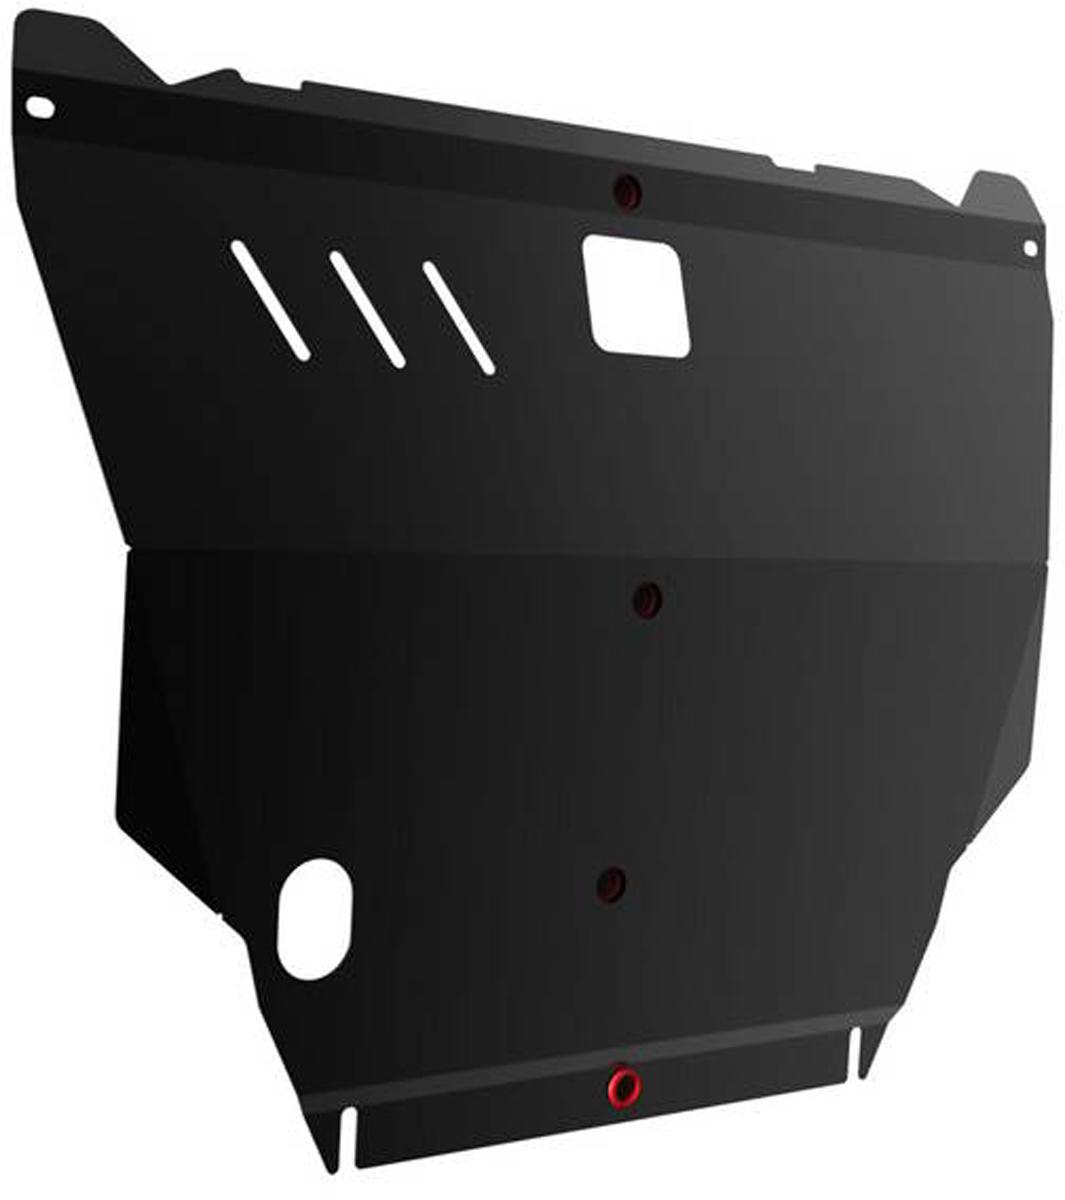 Защита картера Автоброня Nissan X-Trail 2001-2007, сталь 2 мм111.04138.1Защита картера Автоброня Nissan X-Trail 2001-2007, сталь 2 мм, комплект крепежа, 111.04138.1Стальные защиты Автоброня надежно защищают ваш автомобиль от повреждений при наезде на бордюры, выступающие канализационные люки, кромки поврежденного асфальта или при ремонте дорог, не говоря уже о загородных дорогах. - Имеют оптимальное соотношение цена-качество. - Спроектированы с учетом особенностей автомобиля, что делает установку удобной. - Защита устанавливается в штатные места кузова автомобиля. - Является надежной защитой для важных элементов на протяжении долгих лет. - Глубокий штамп дополнительно усиливает конструкцию защиты. - Подштамповка в местах крепления защищает крепеж от срезания. - Технологические отверстия там, где они необходимы для смены масла и слива воды, оборудованные заглушками, закрепленными на защите. Толщина стали 2 мм. В комплекте крепеж и инструкция по установке.